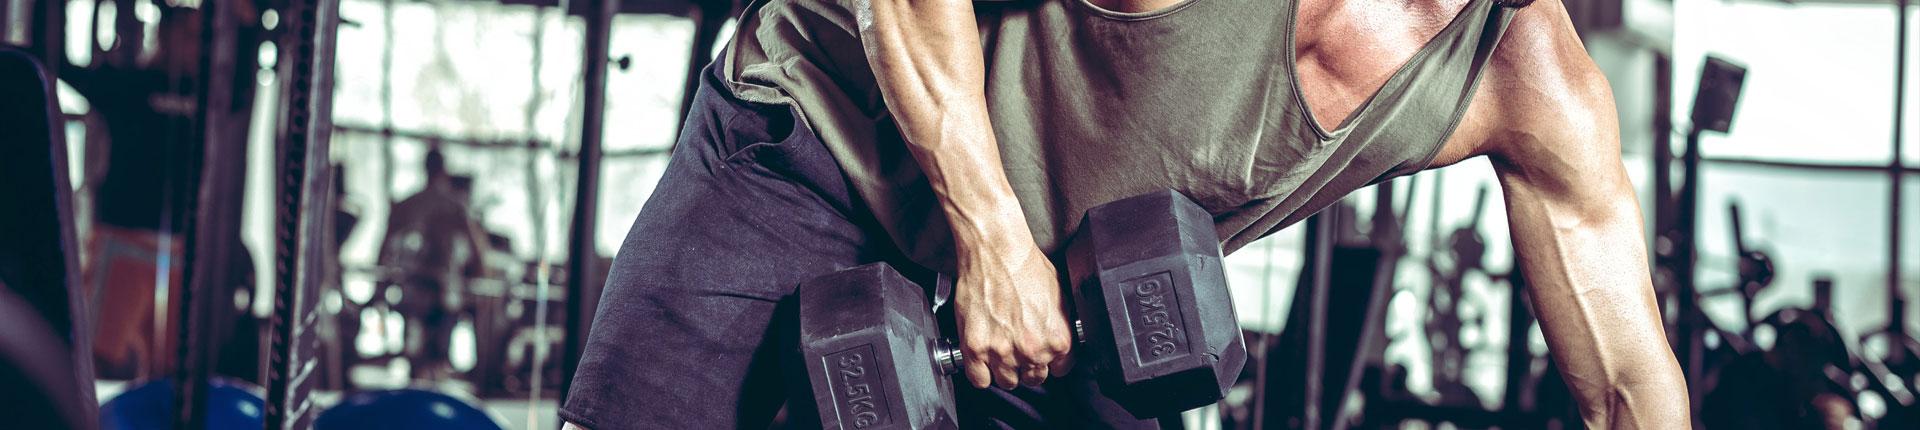 Trening obwodowy - nowe spojrzenie. Przykładowe plany treningowe.